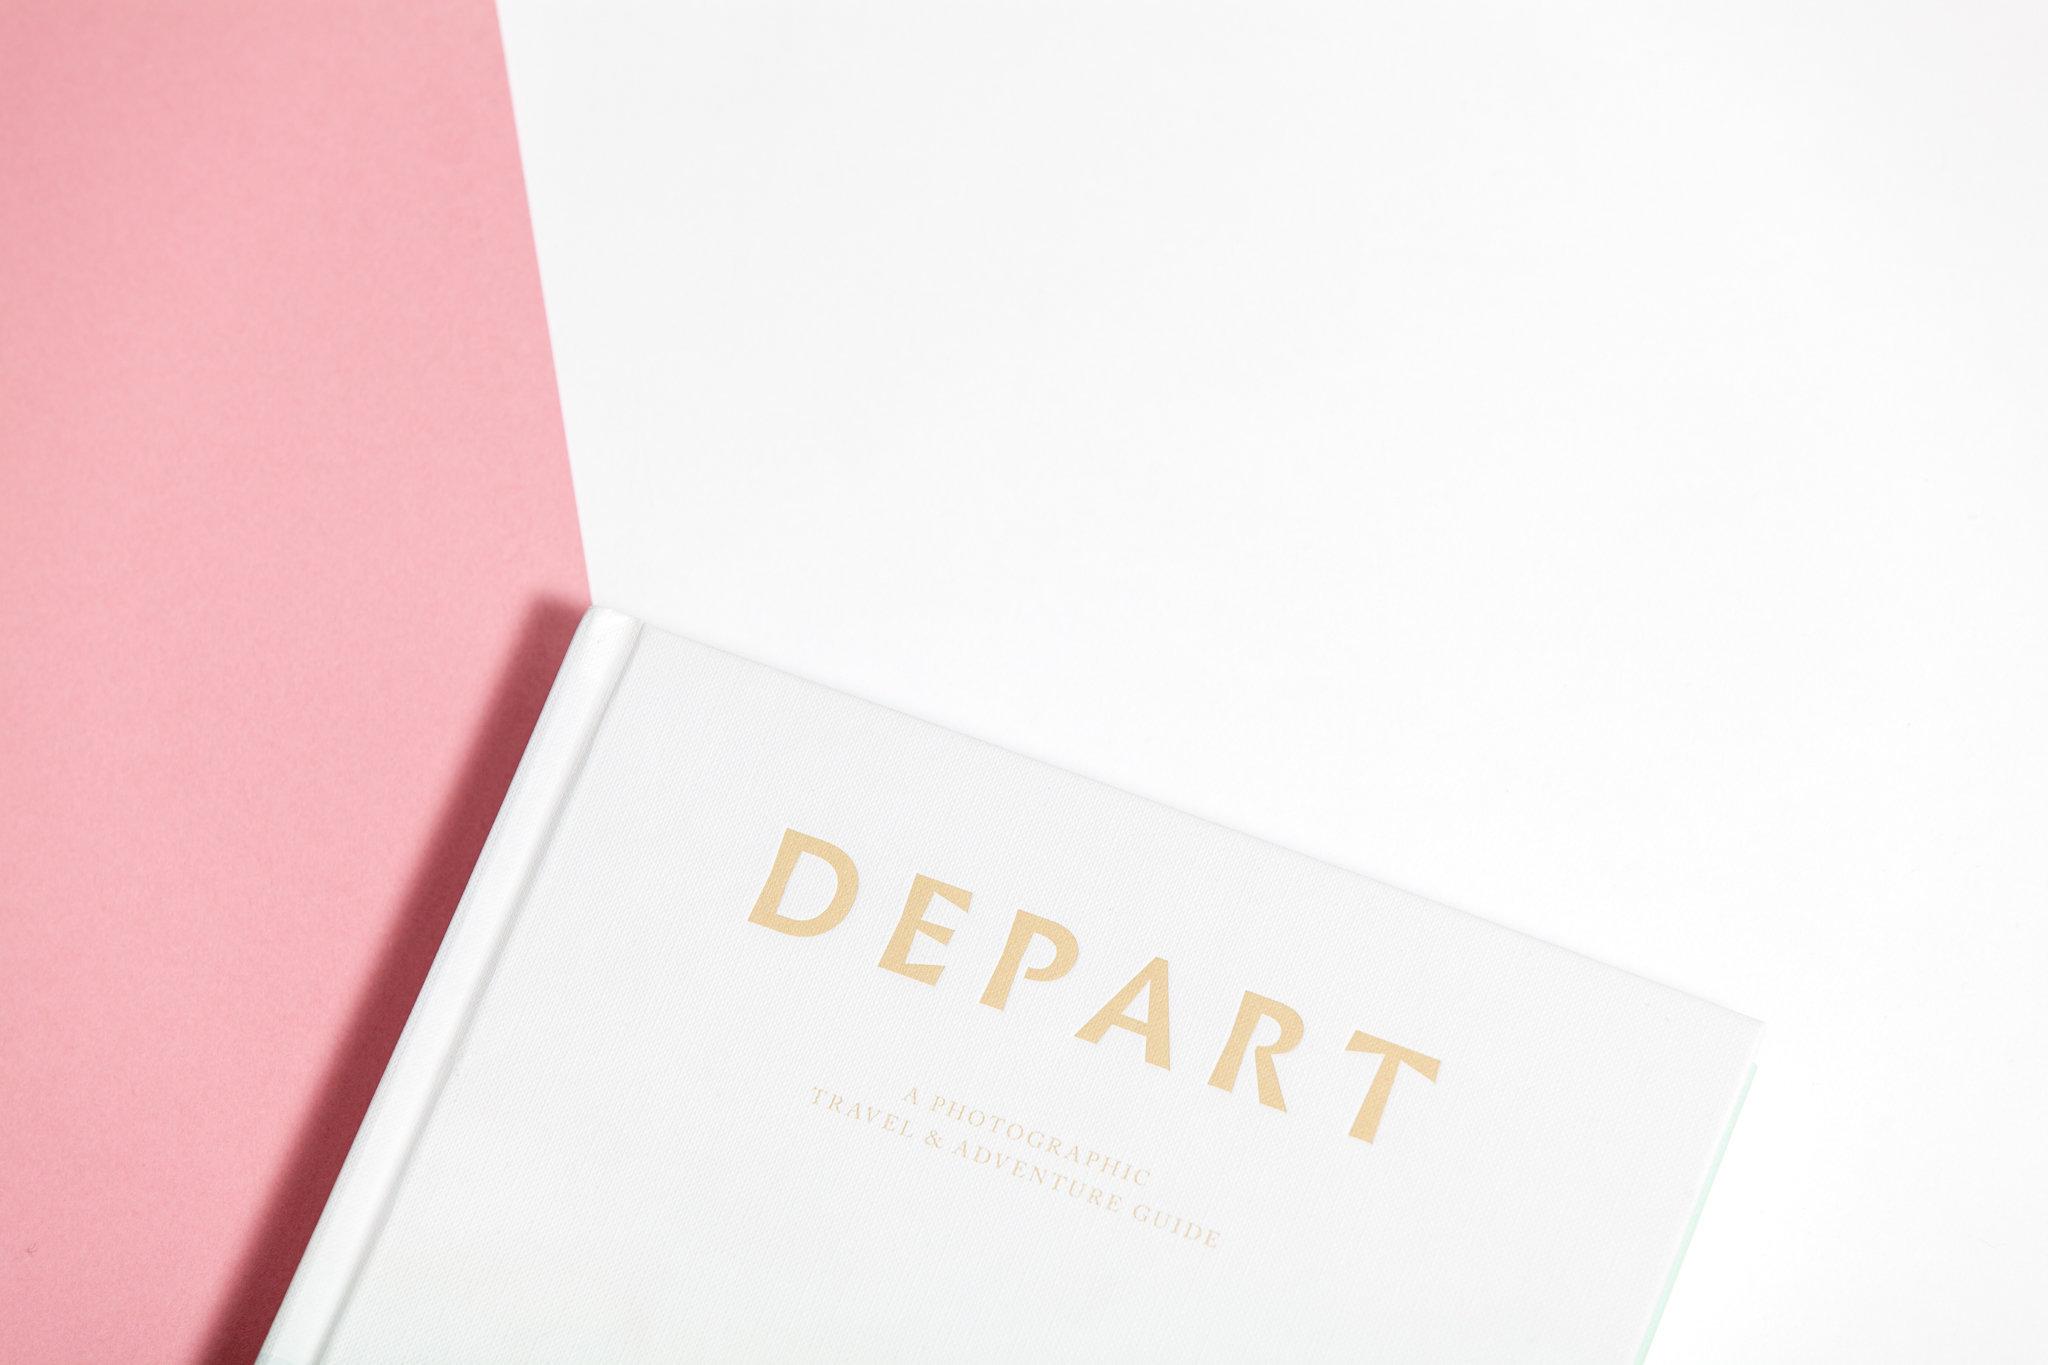 depart2_49.jpg